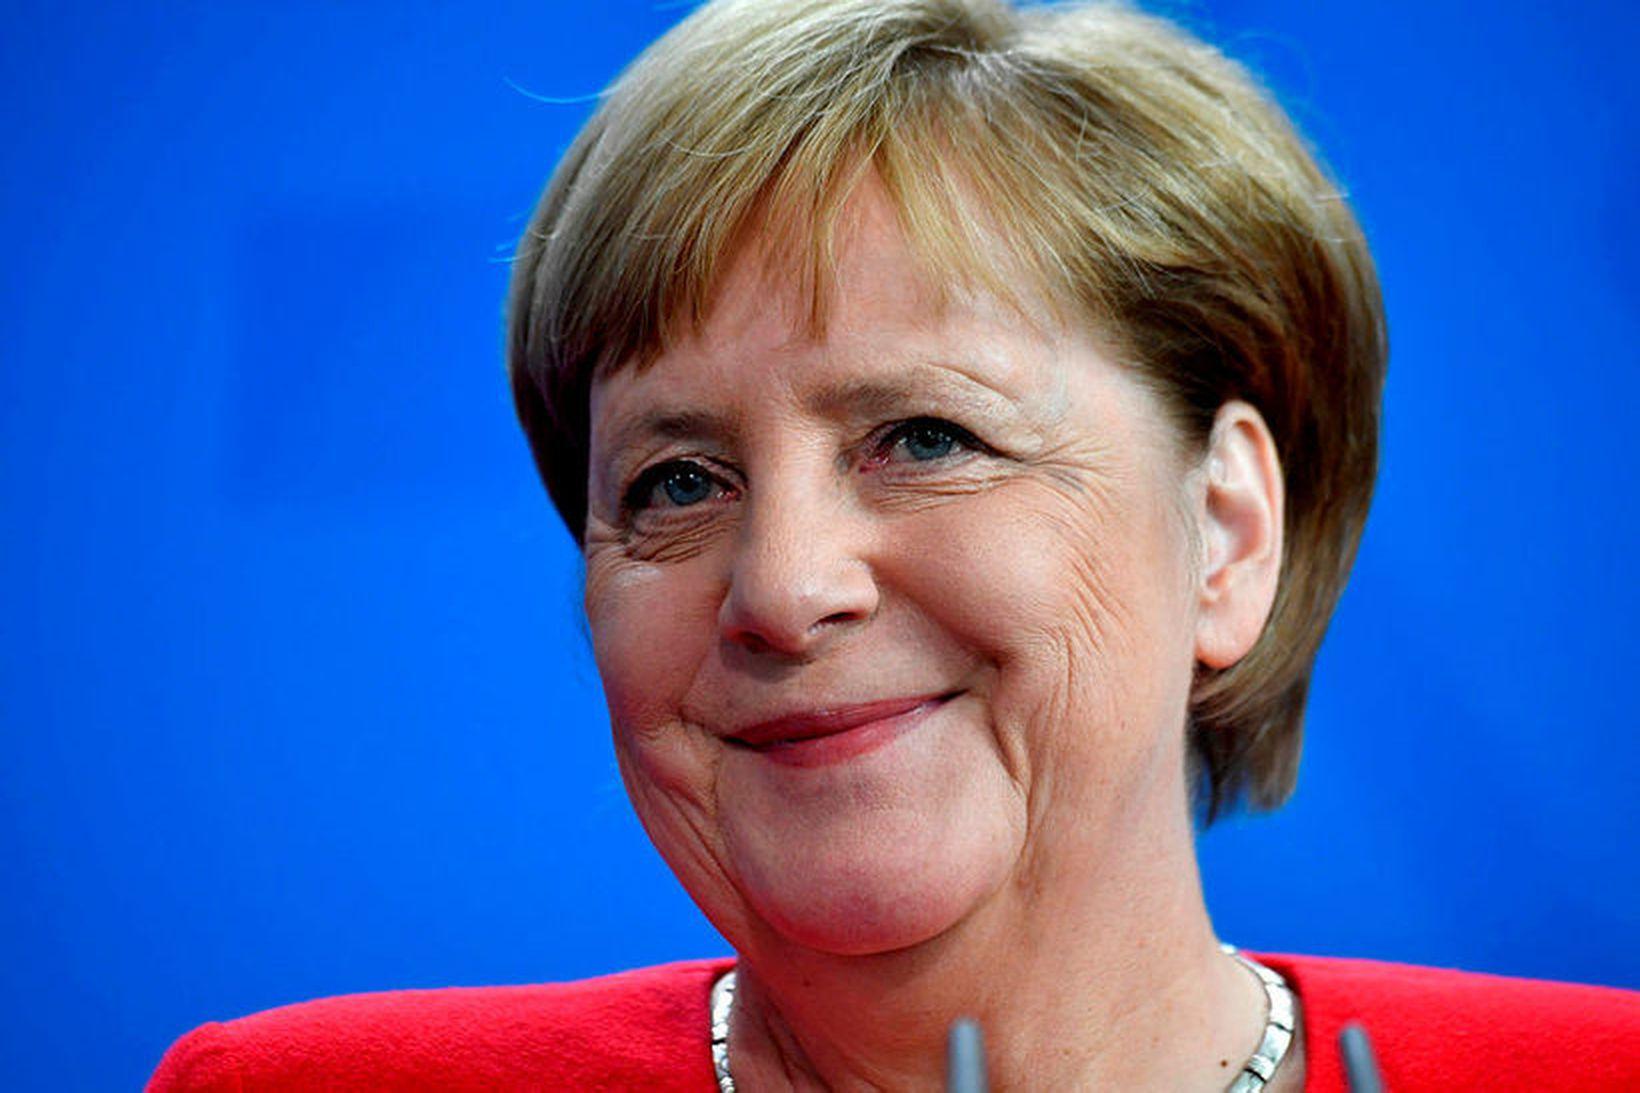 Angela Merkel, kanslari Þýskalands, er væntanleg til landsins.